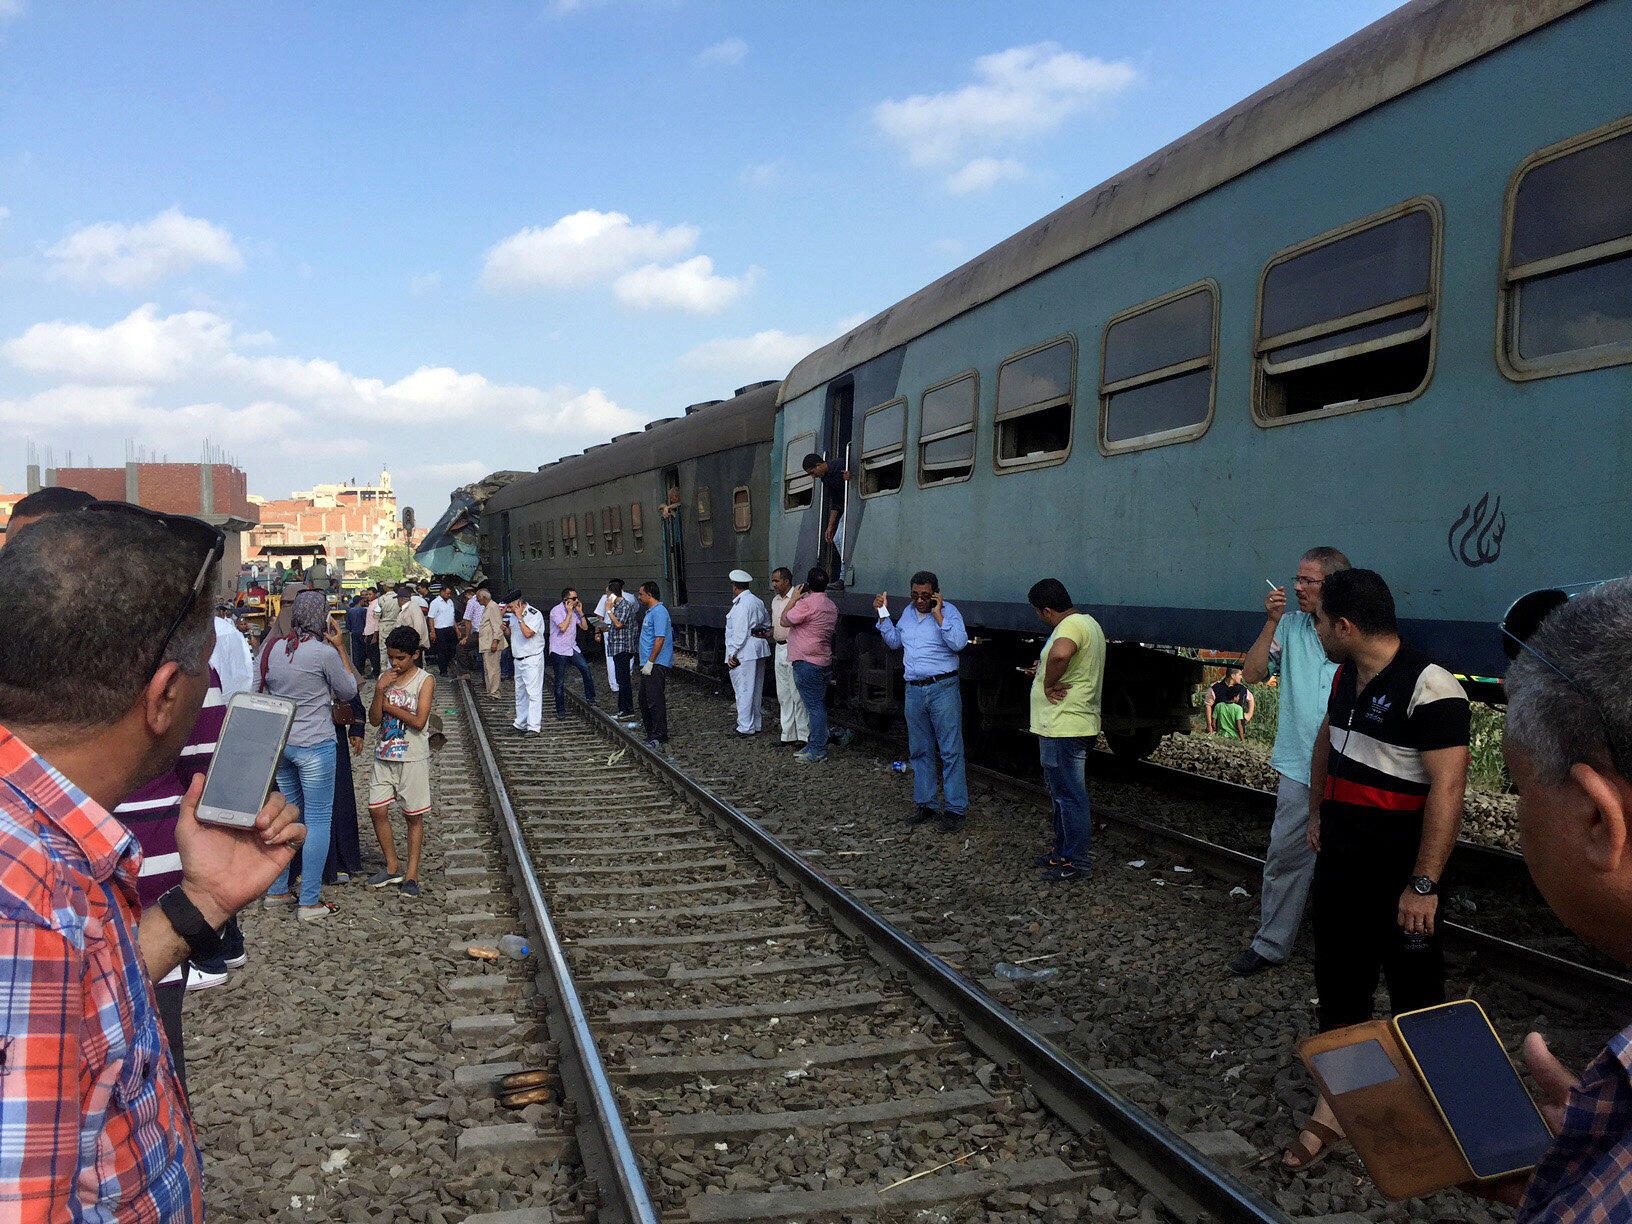 Des égyptiens observent les trains rentrés en collision près de la station de Khorshid, à Alexandrie, le 11 août 2017.